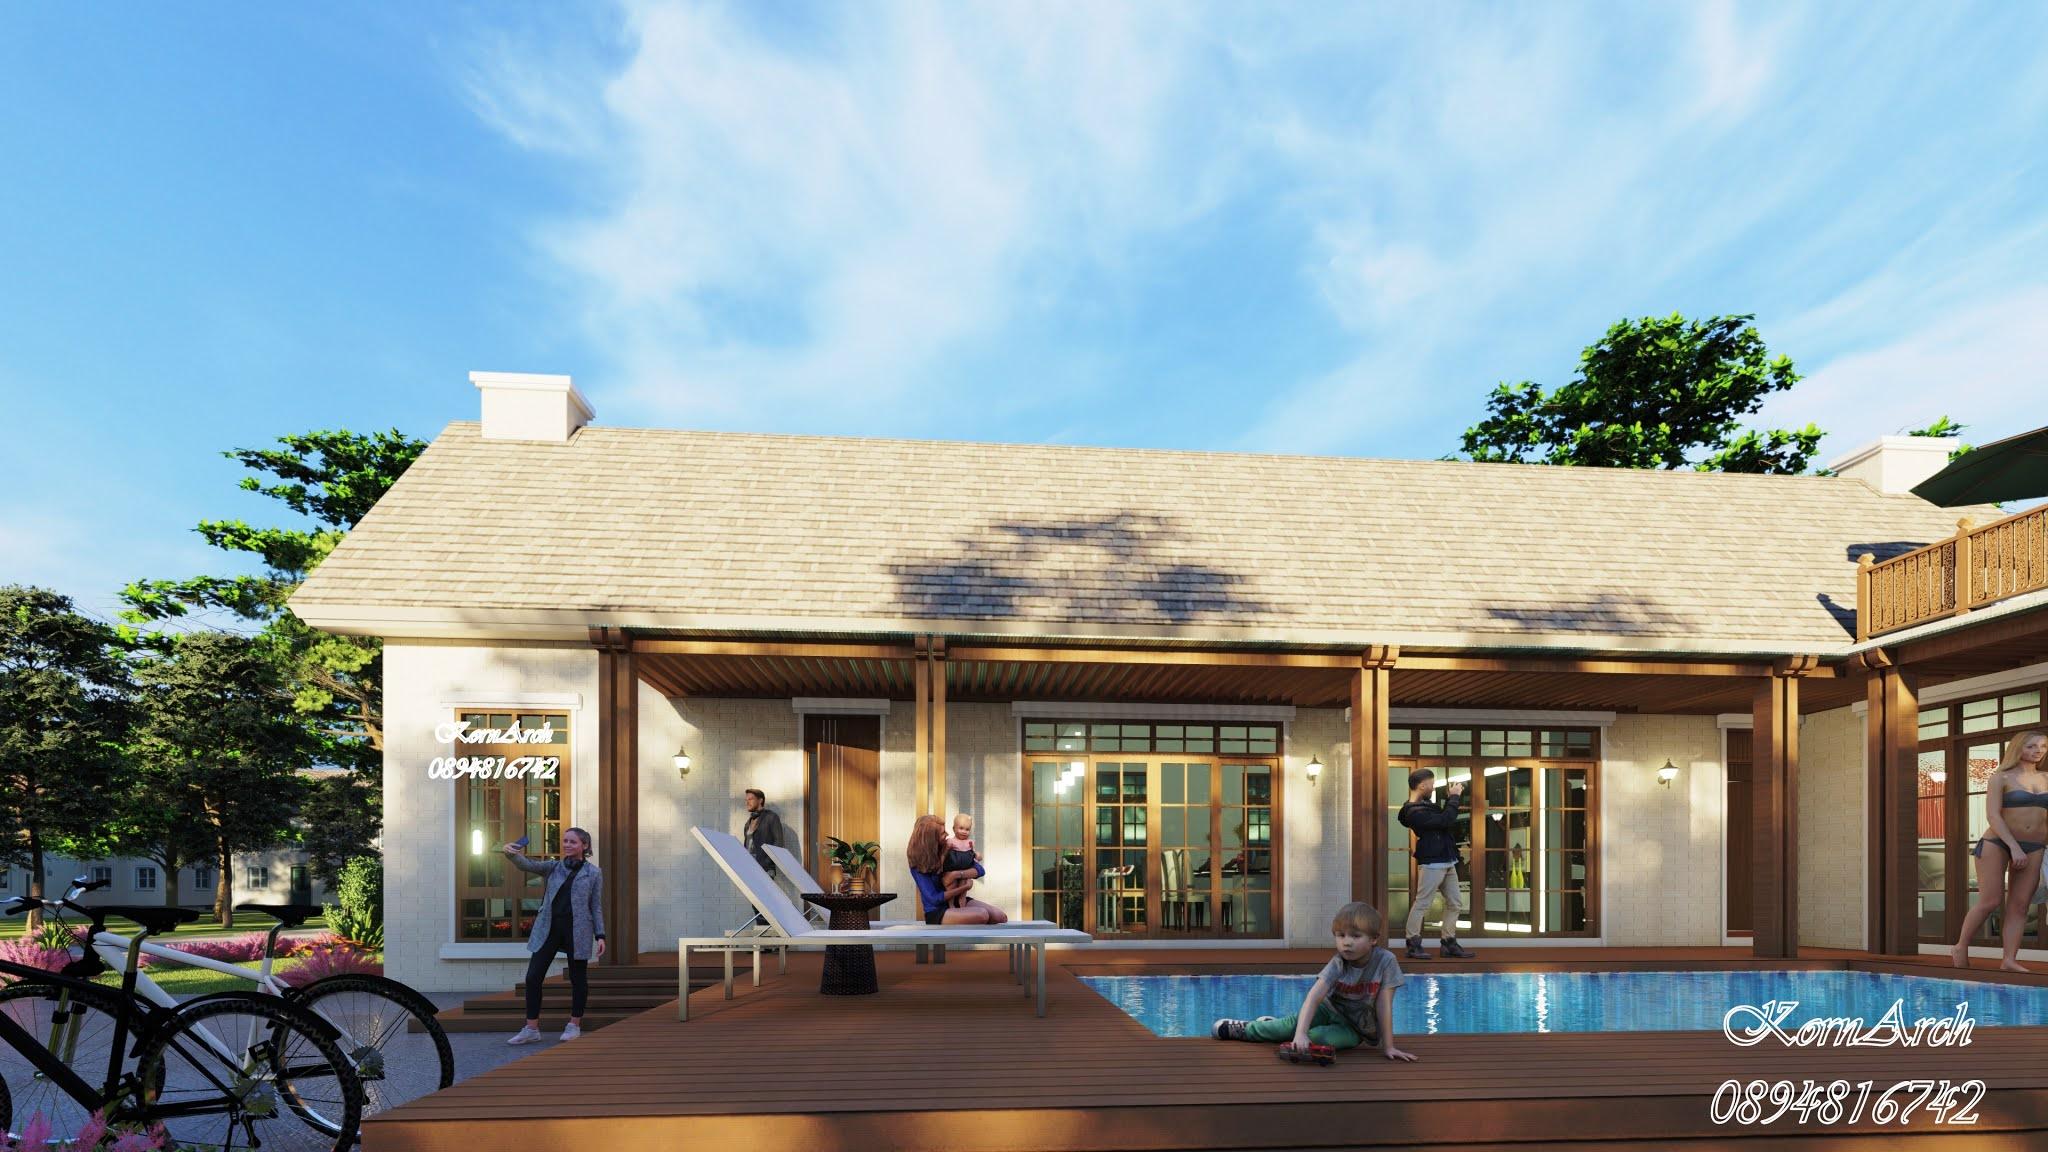 #รับออกแบบบ้านสไตล์นอร์ดิก #เขียนแบบก่อสร้าง #แบบยื่นขออนุญาต #แบบโรงงาน #แบบรีสอร์ท  0894816742